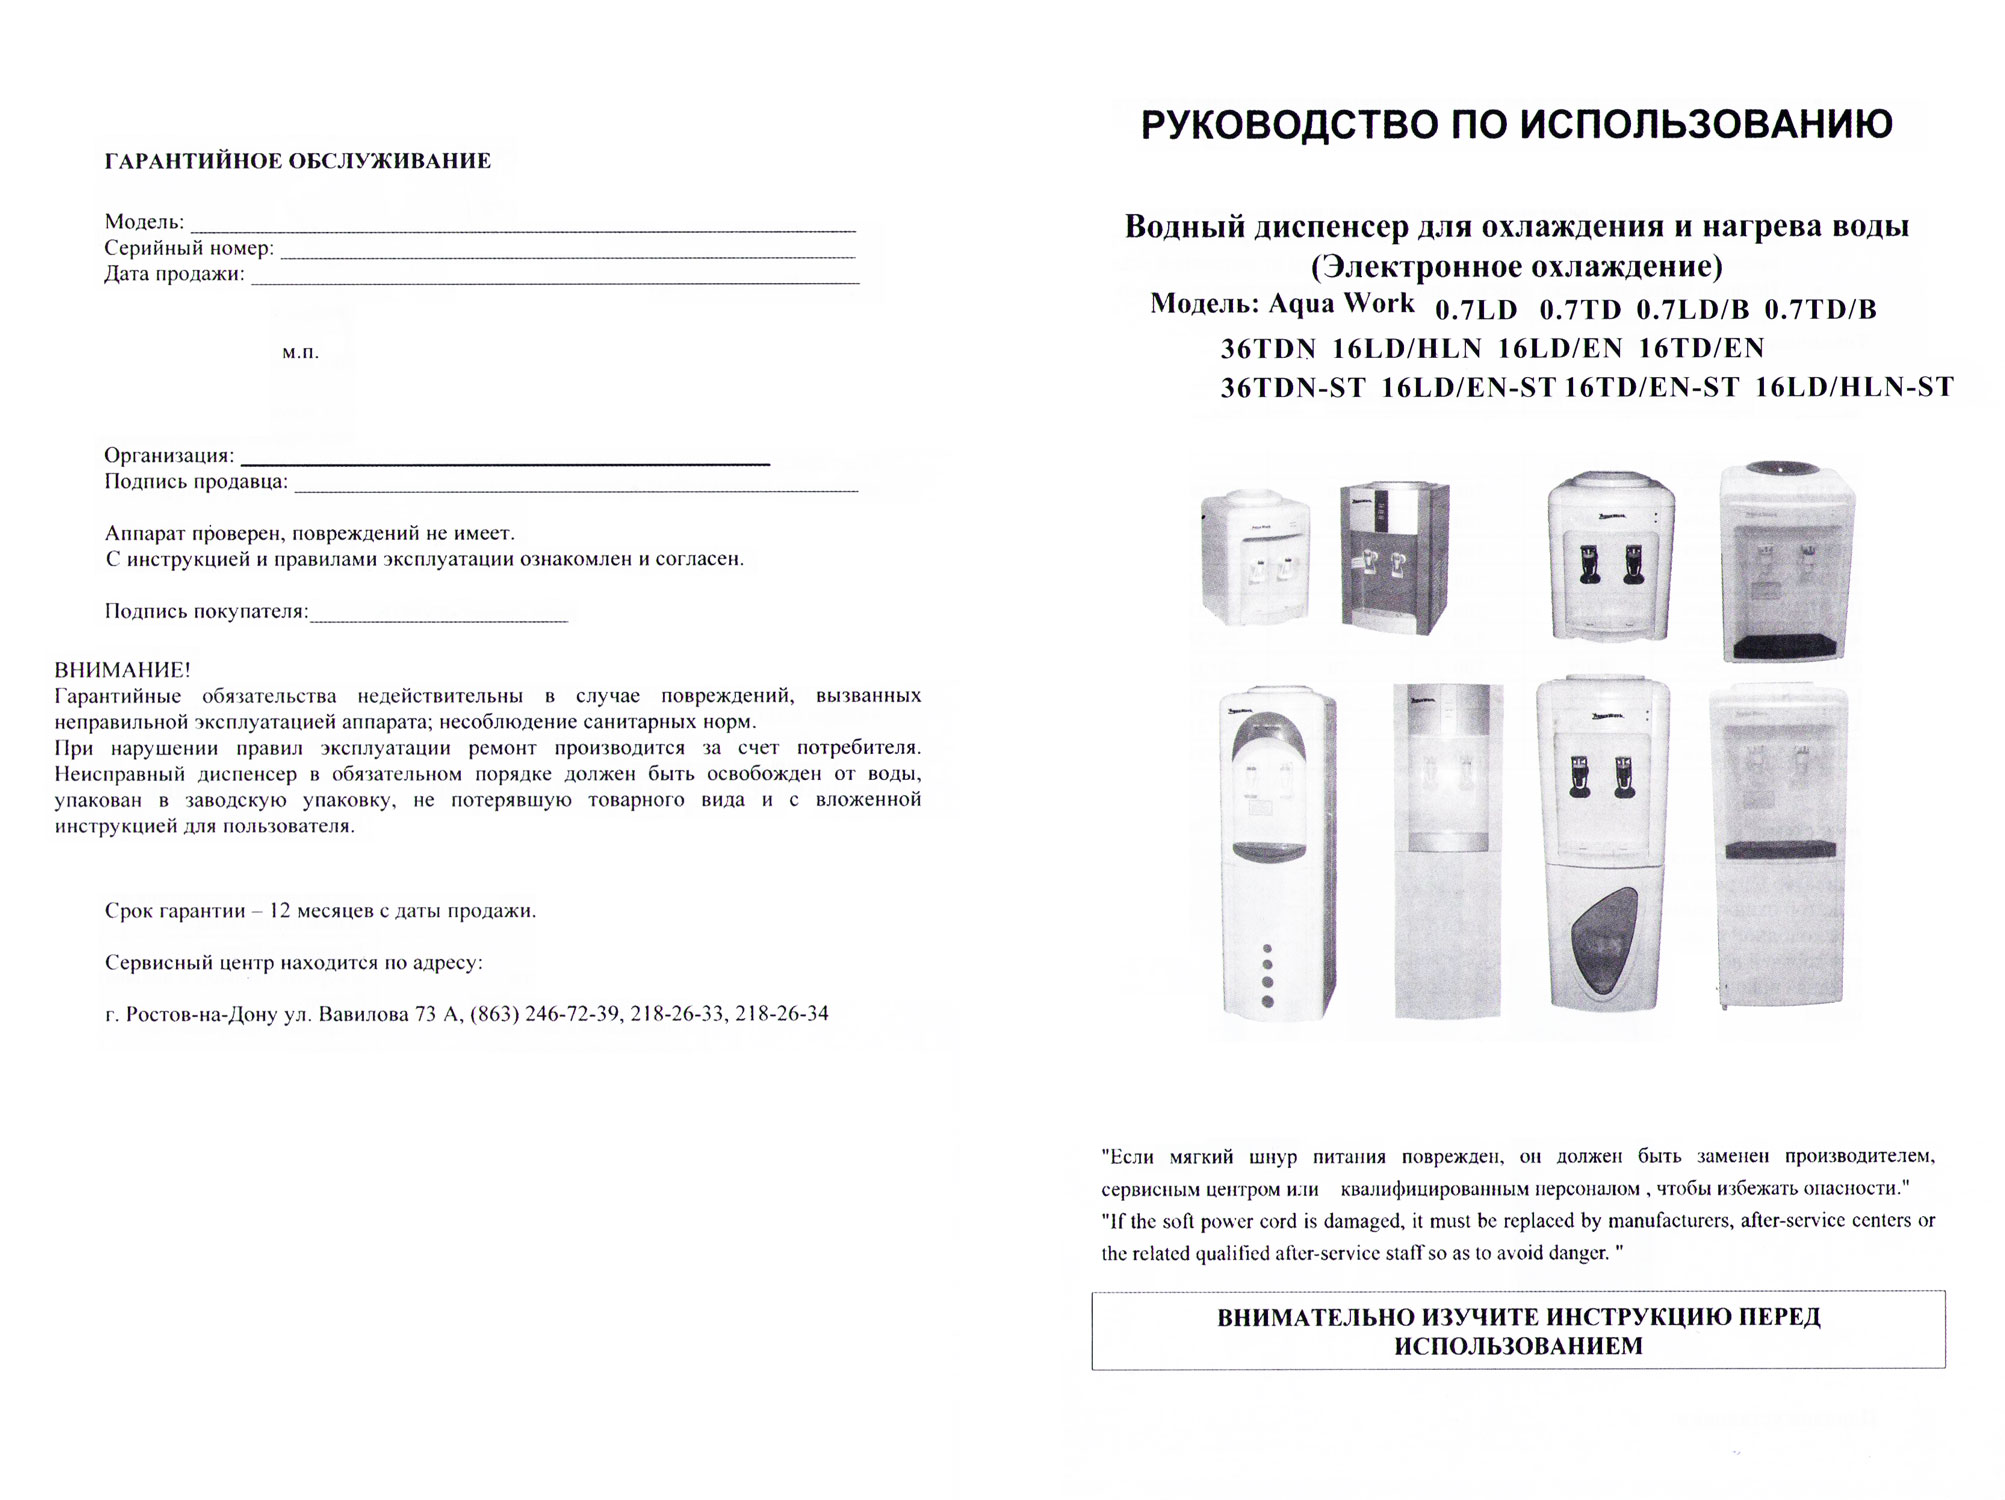 кулер Aqua Work 36-TDN-ST паспорт